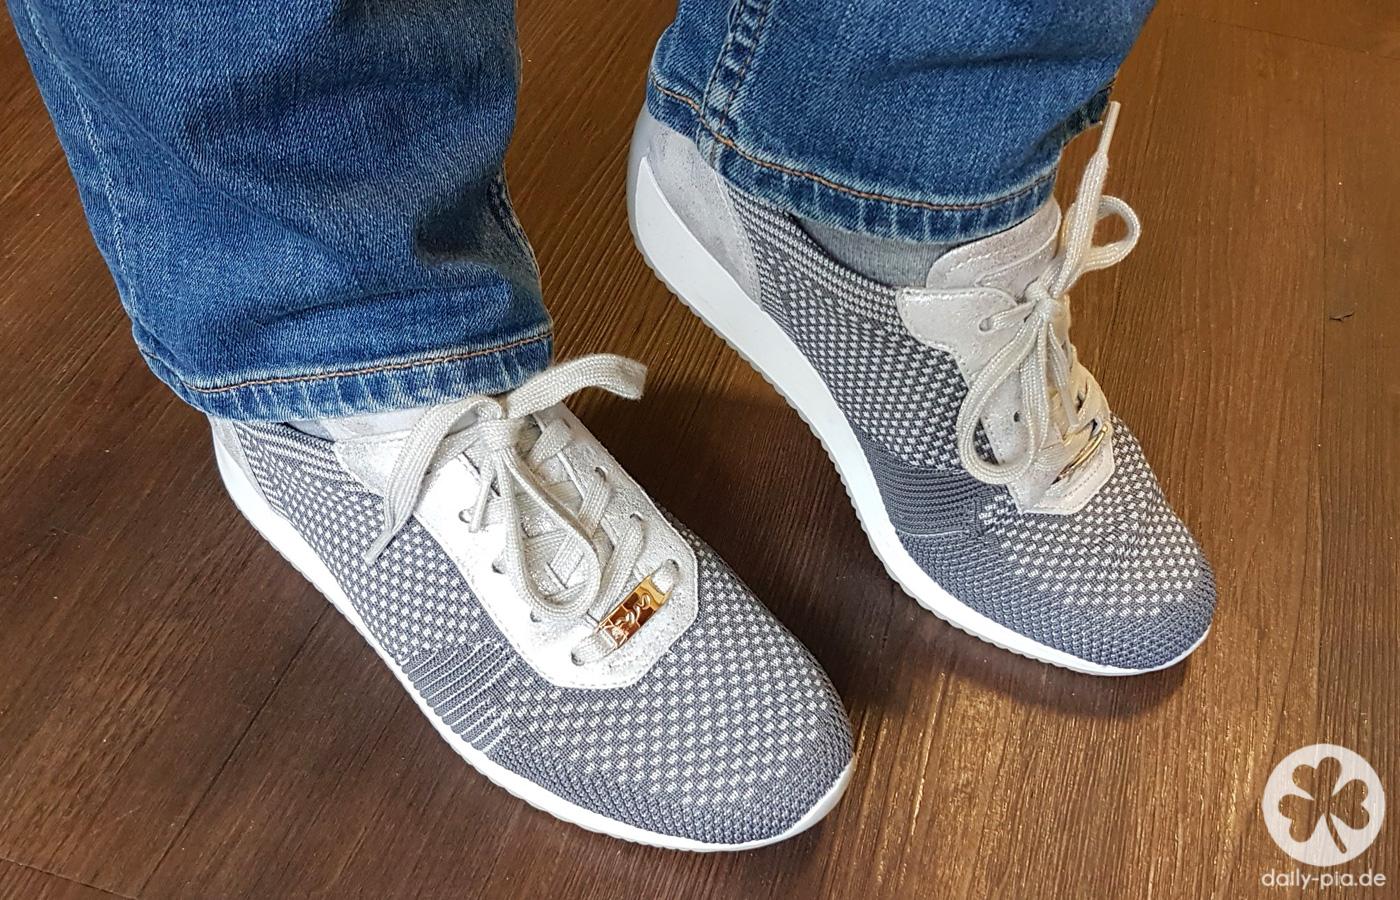 [Anzeige] Der neue ara shoes Fusion4